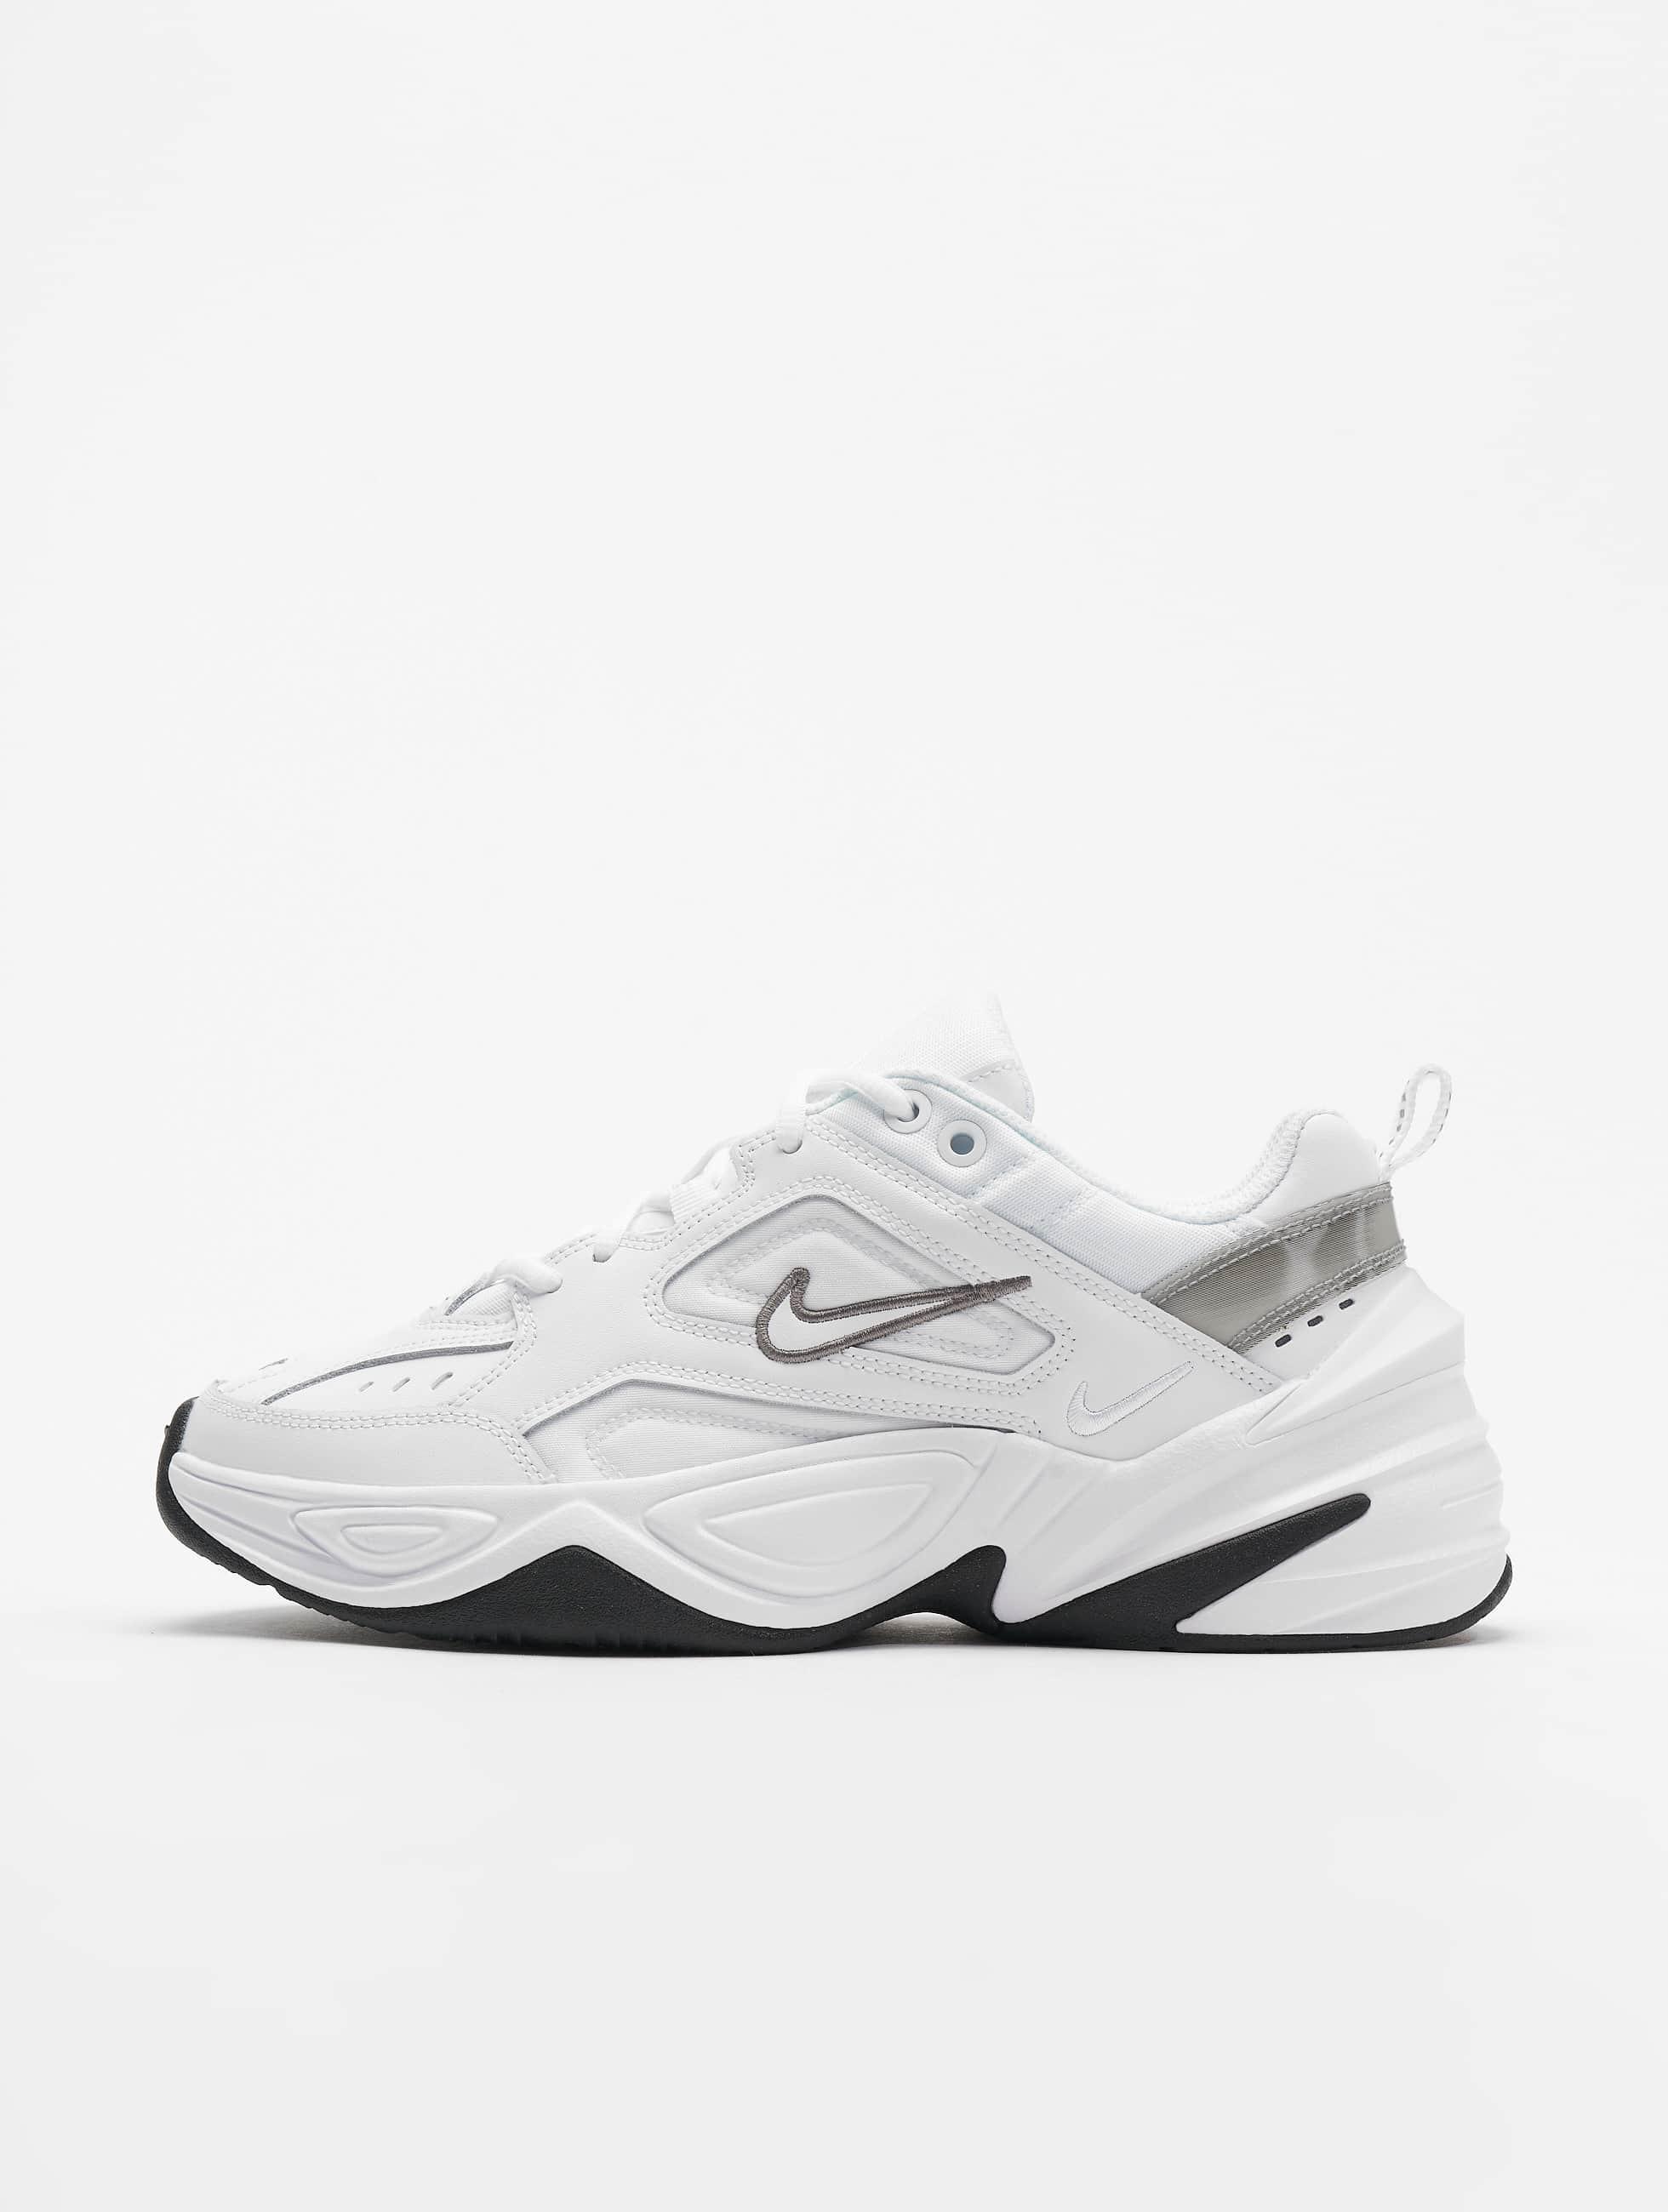 Nouveaux produits 64237 07706 Nike M2K Tekno Sneakers White/White/Cool Grey/Black